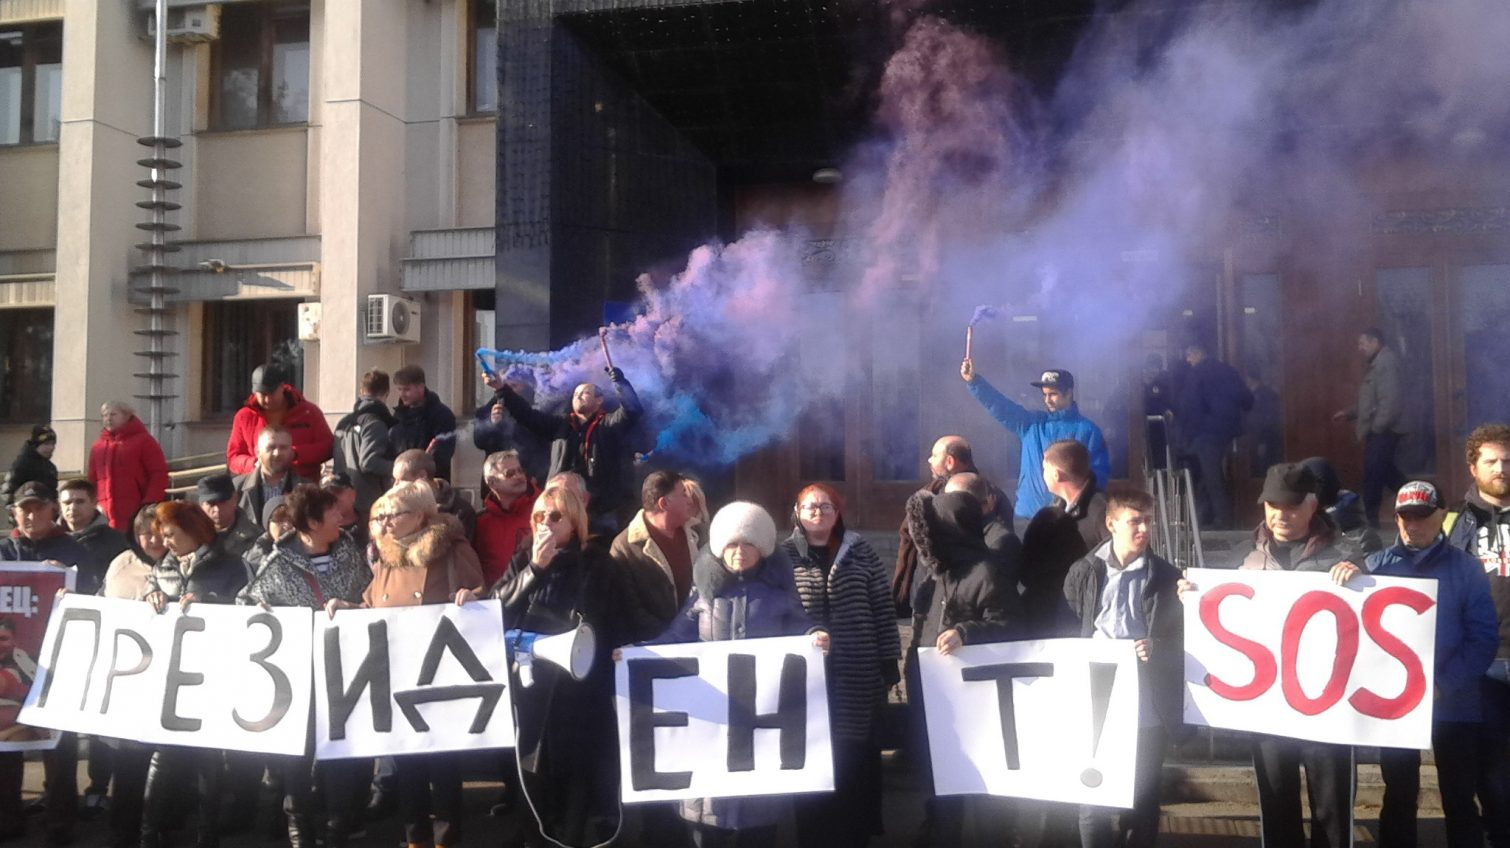 Земельные аферы в Затоке: под Одесской ОГА жгли файеры, а СБУ задерживает чиновников поссовета (фото) «фото»